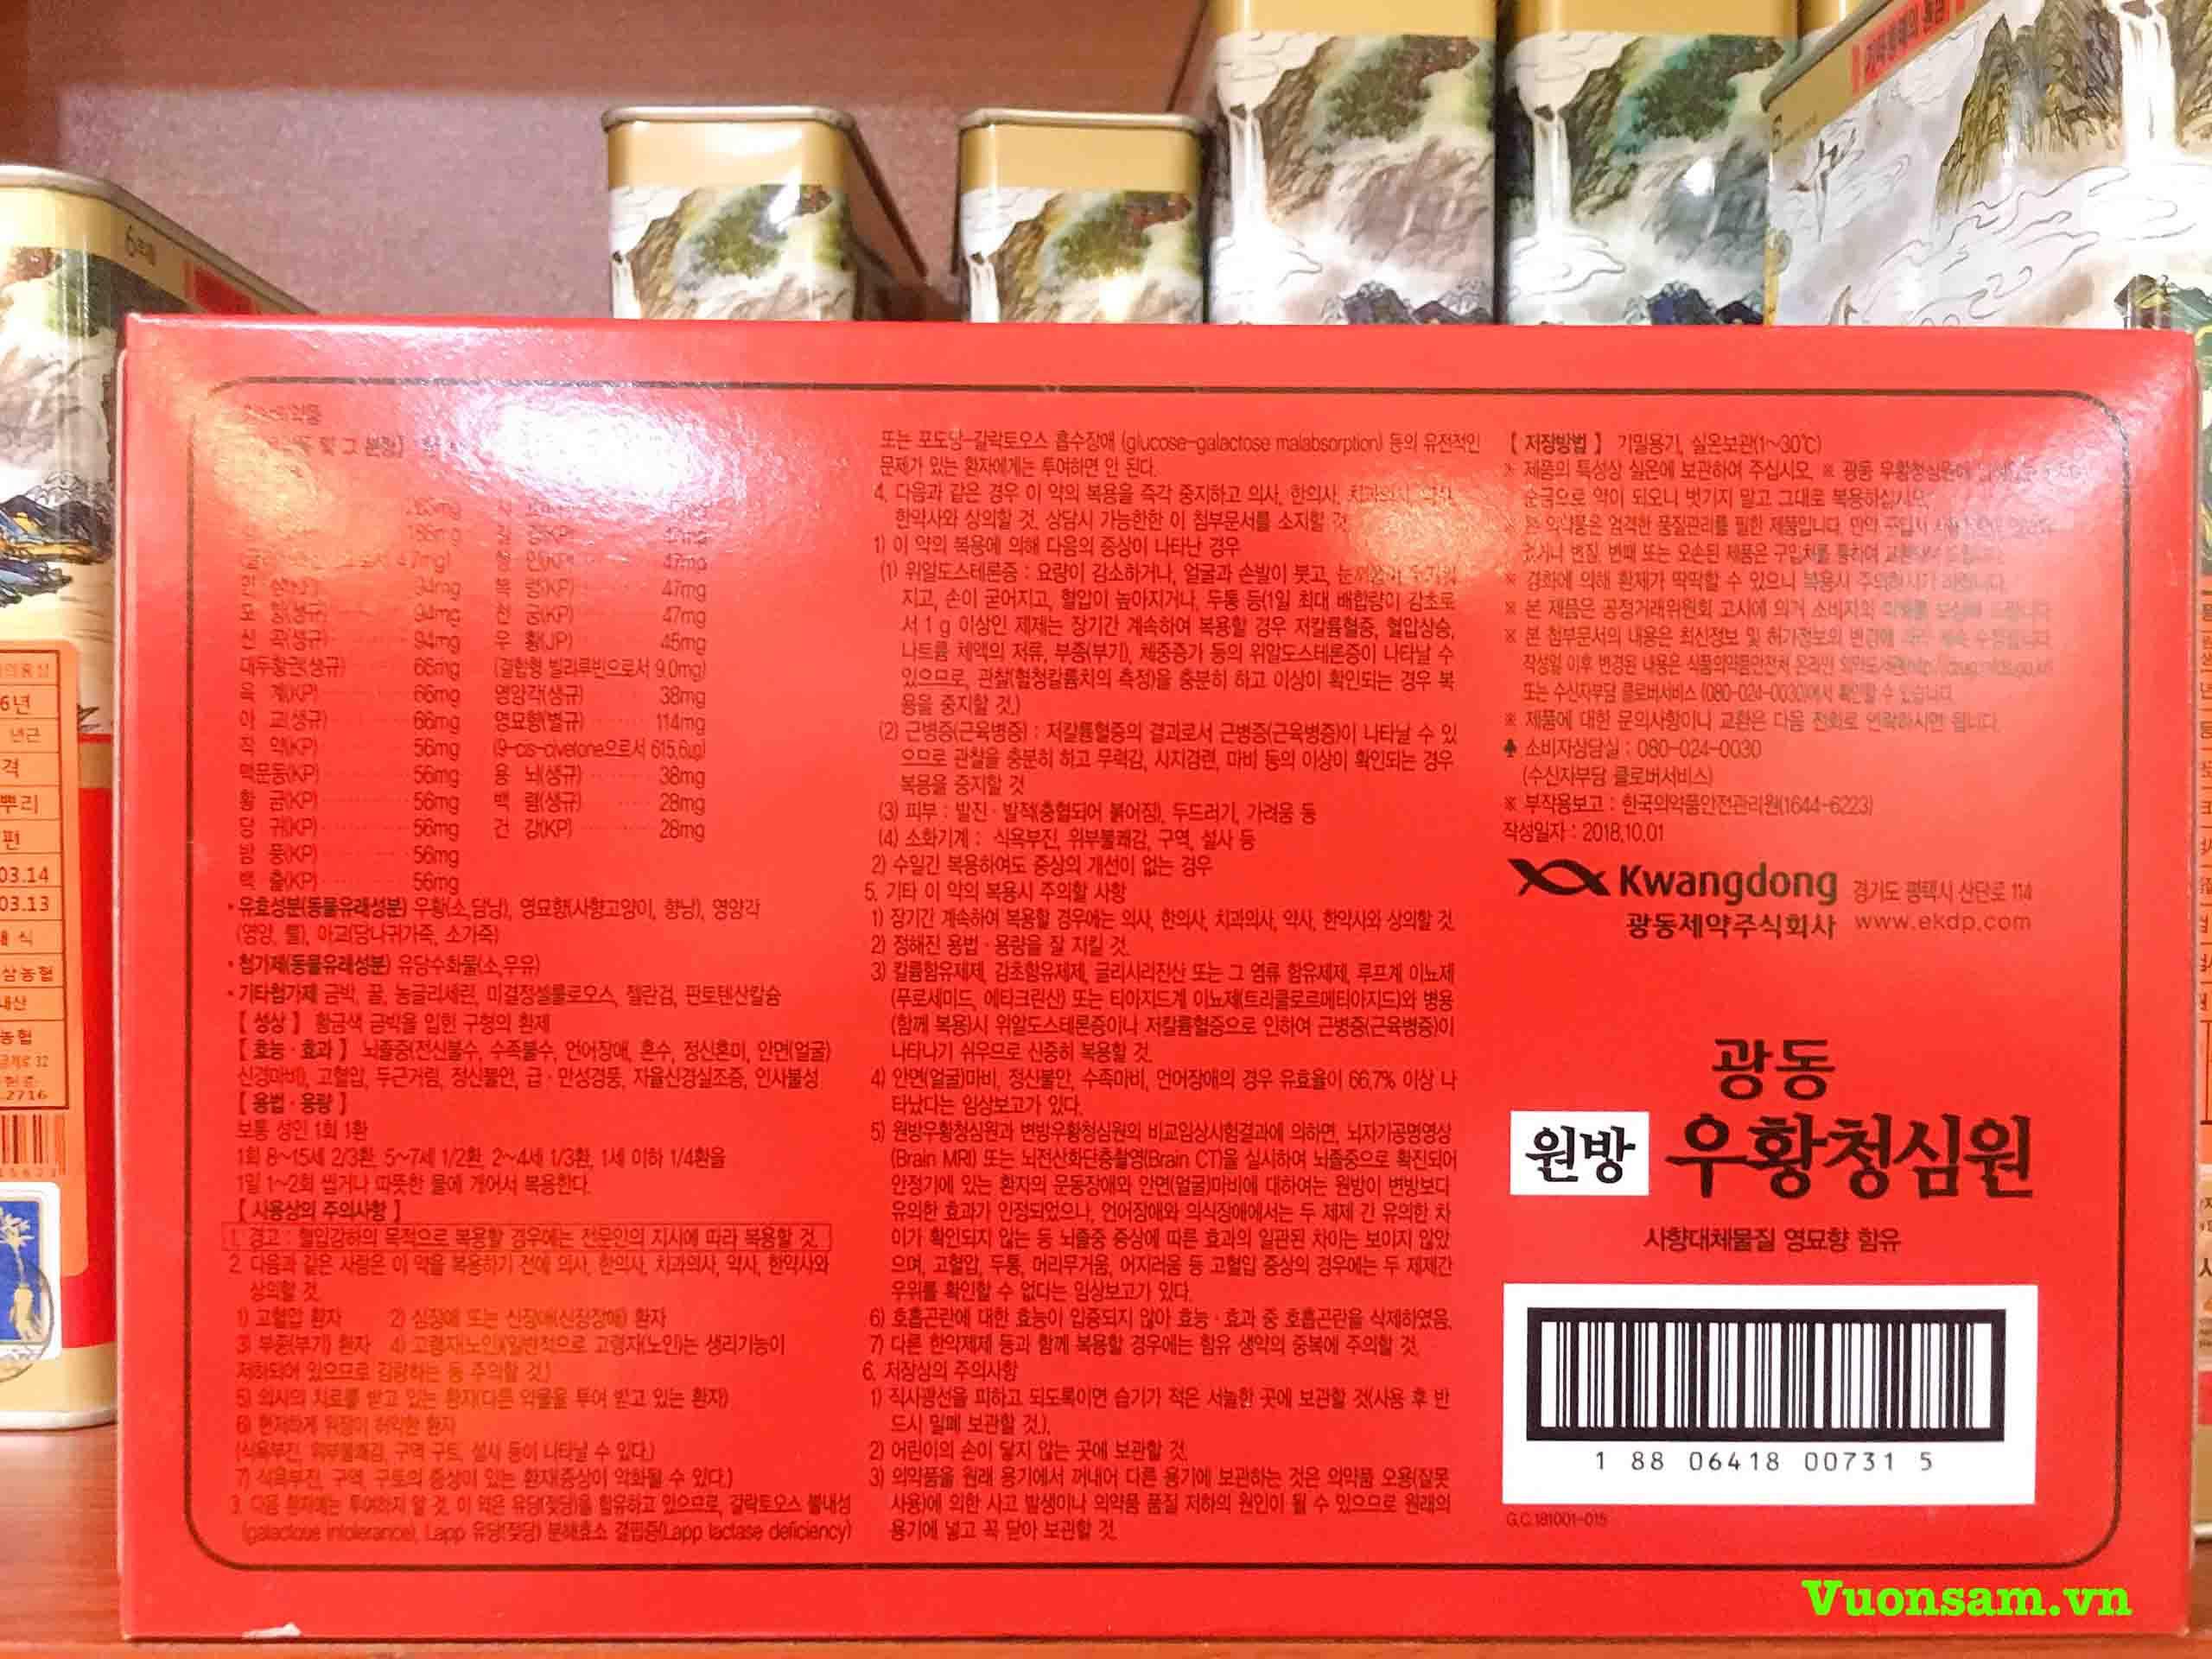 Viên Chống Đột Quỵ Hàn Quốc (Hộp Vàng 10 Viên) mặt sau